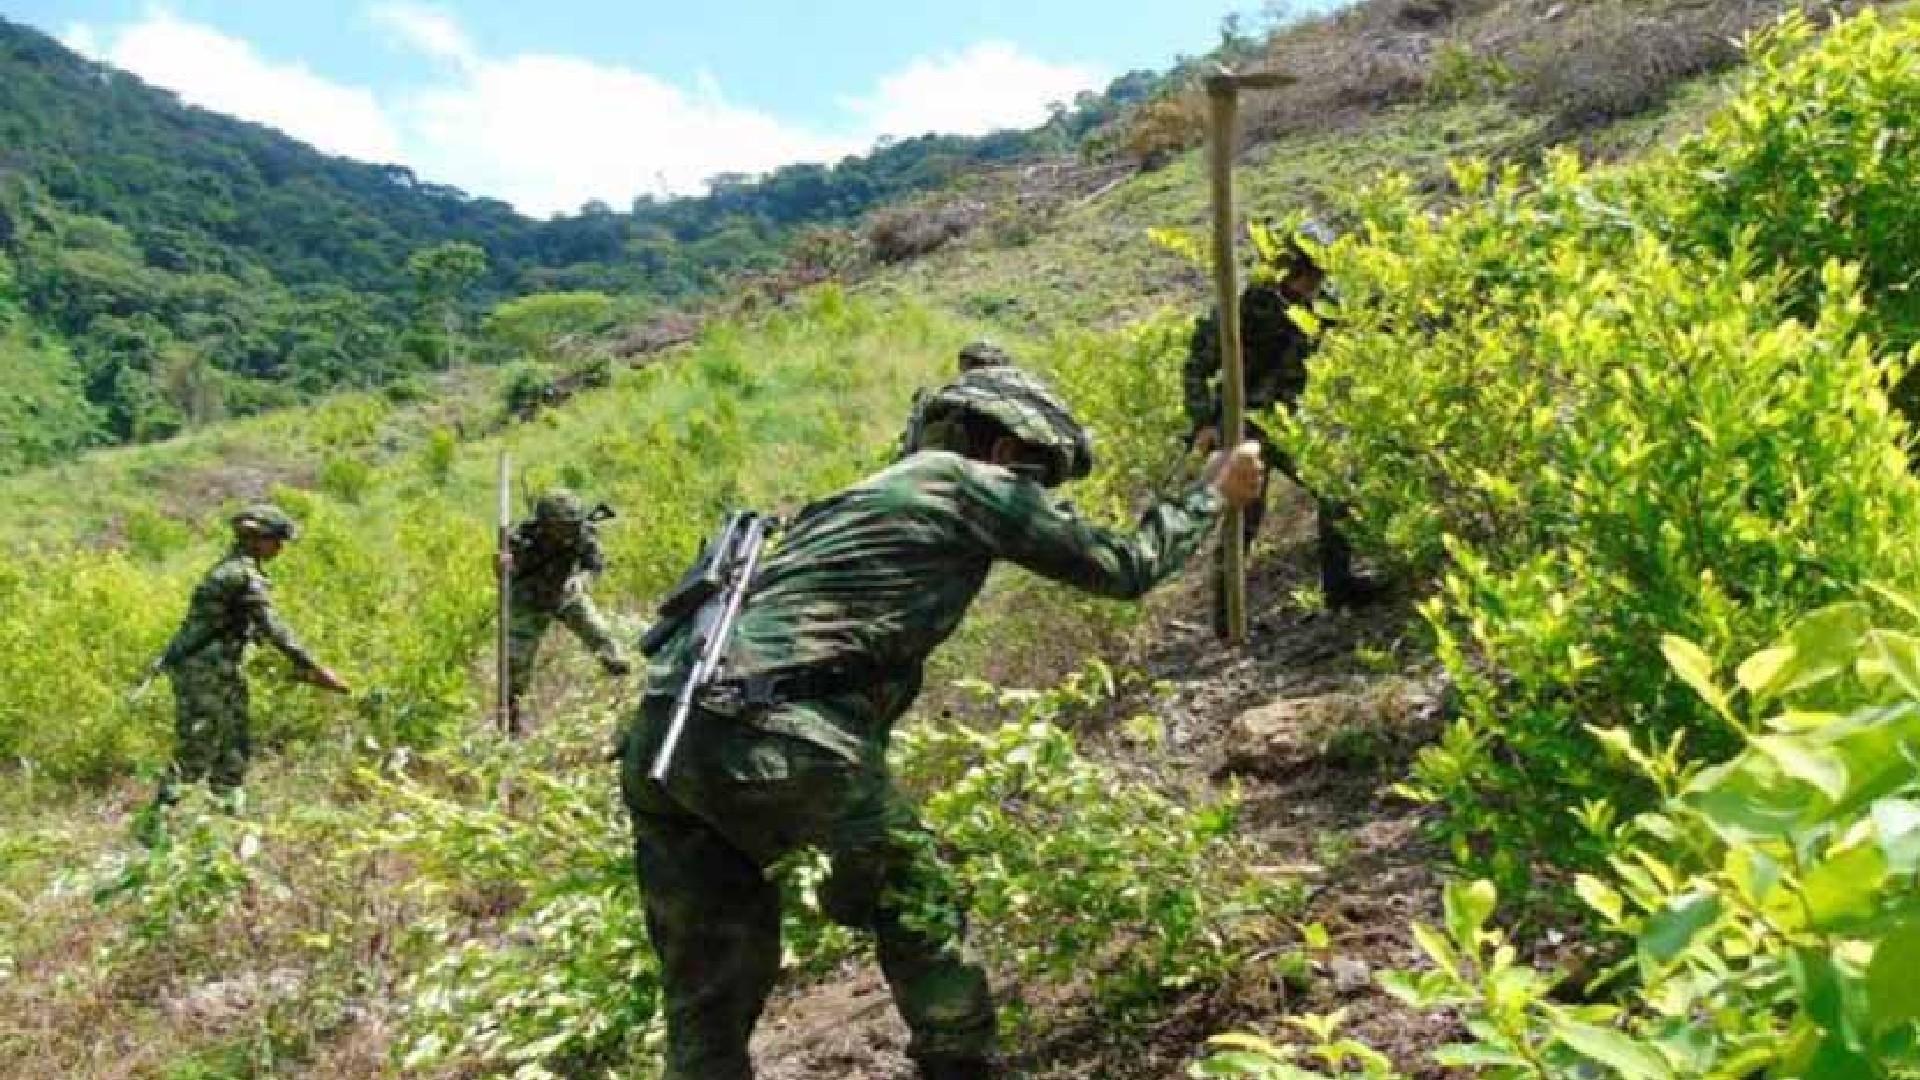 Que pena! Colombia aporta la mayor cantidad de cocaína 🤑